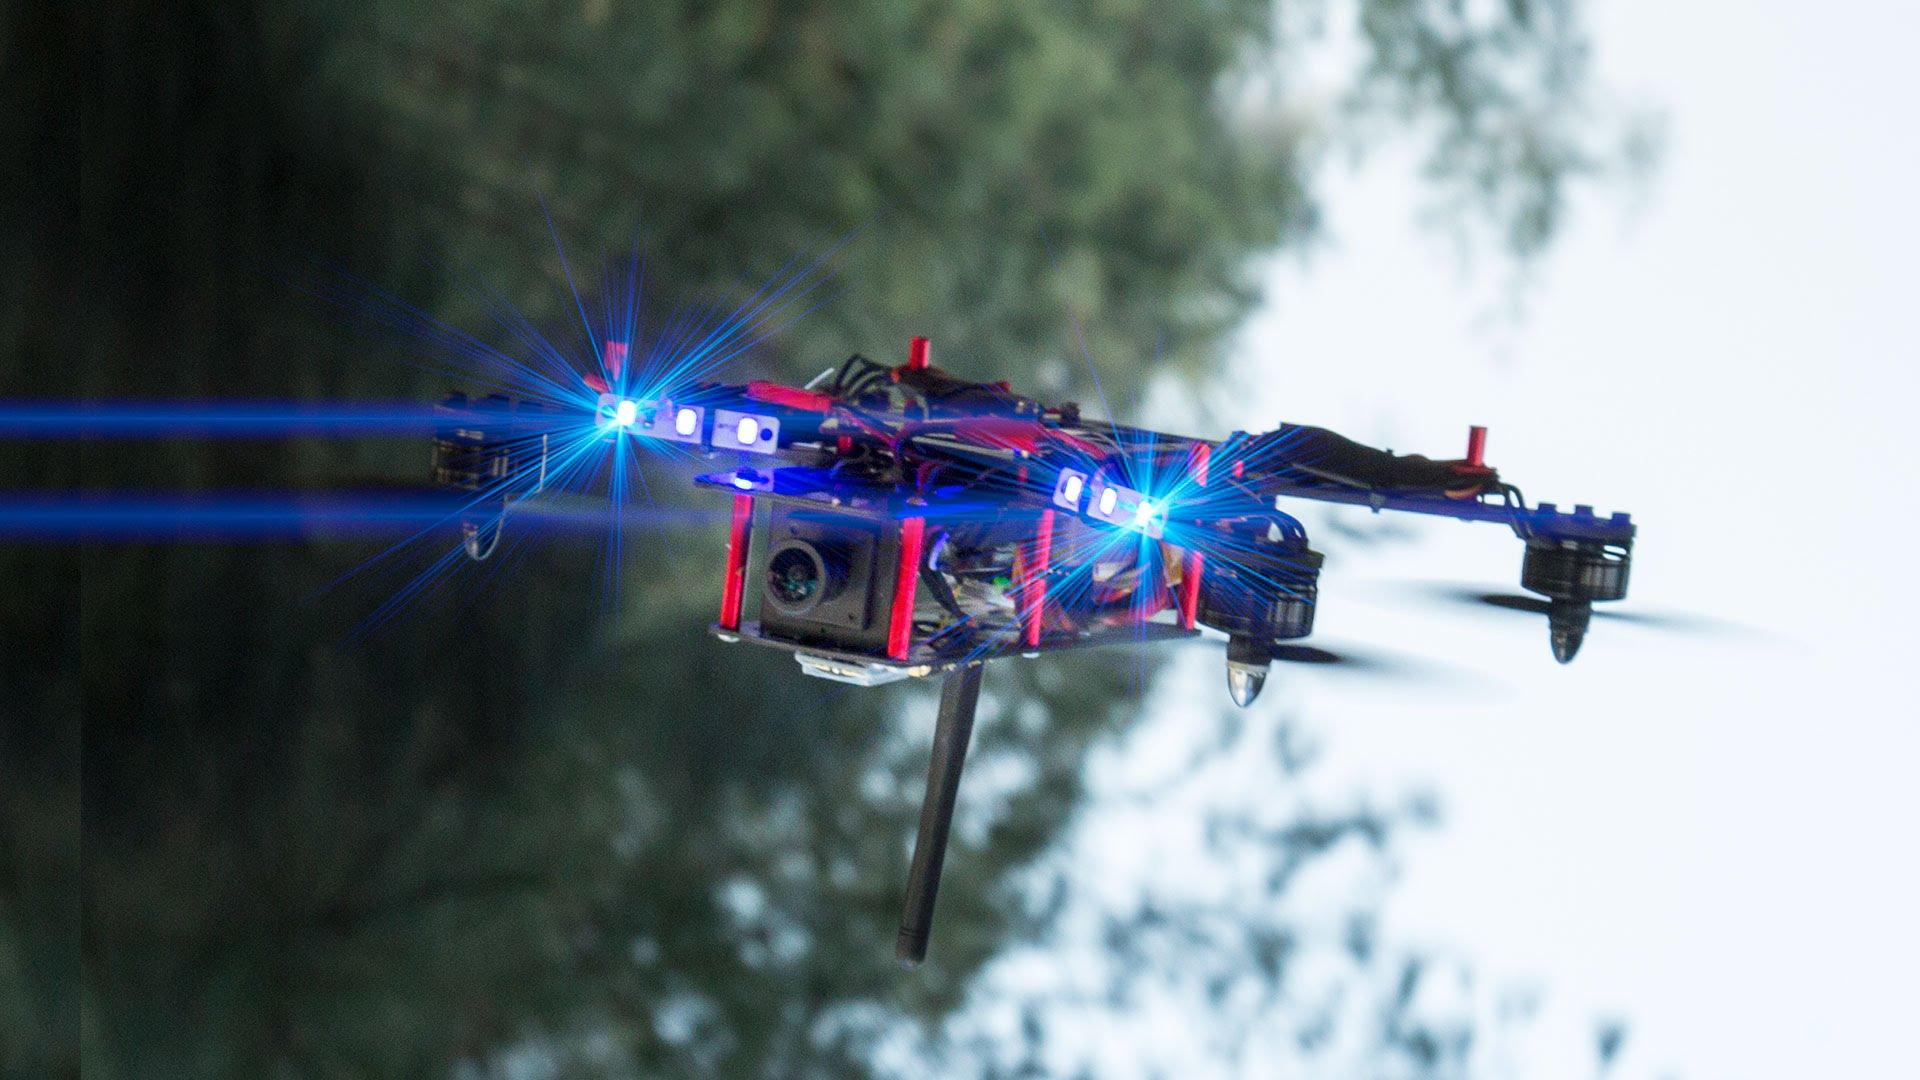 drone-racing-vide.jpg